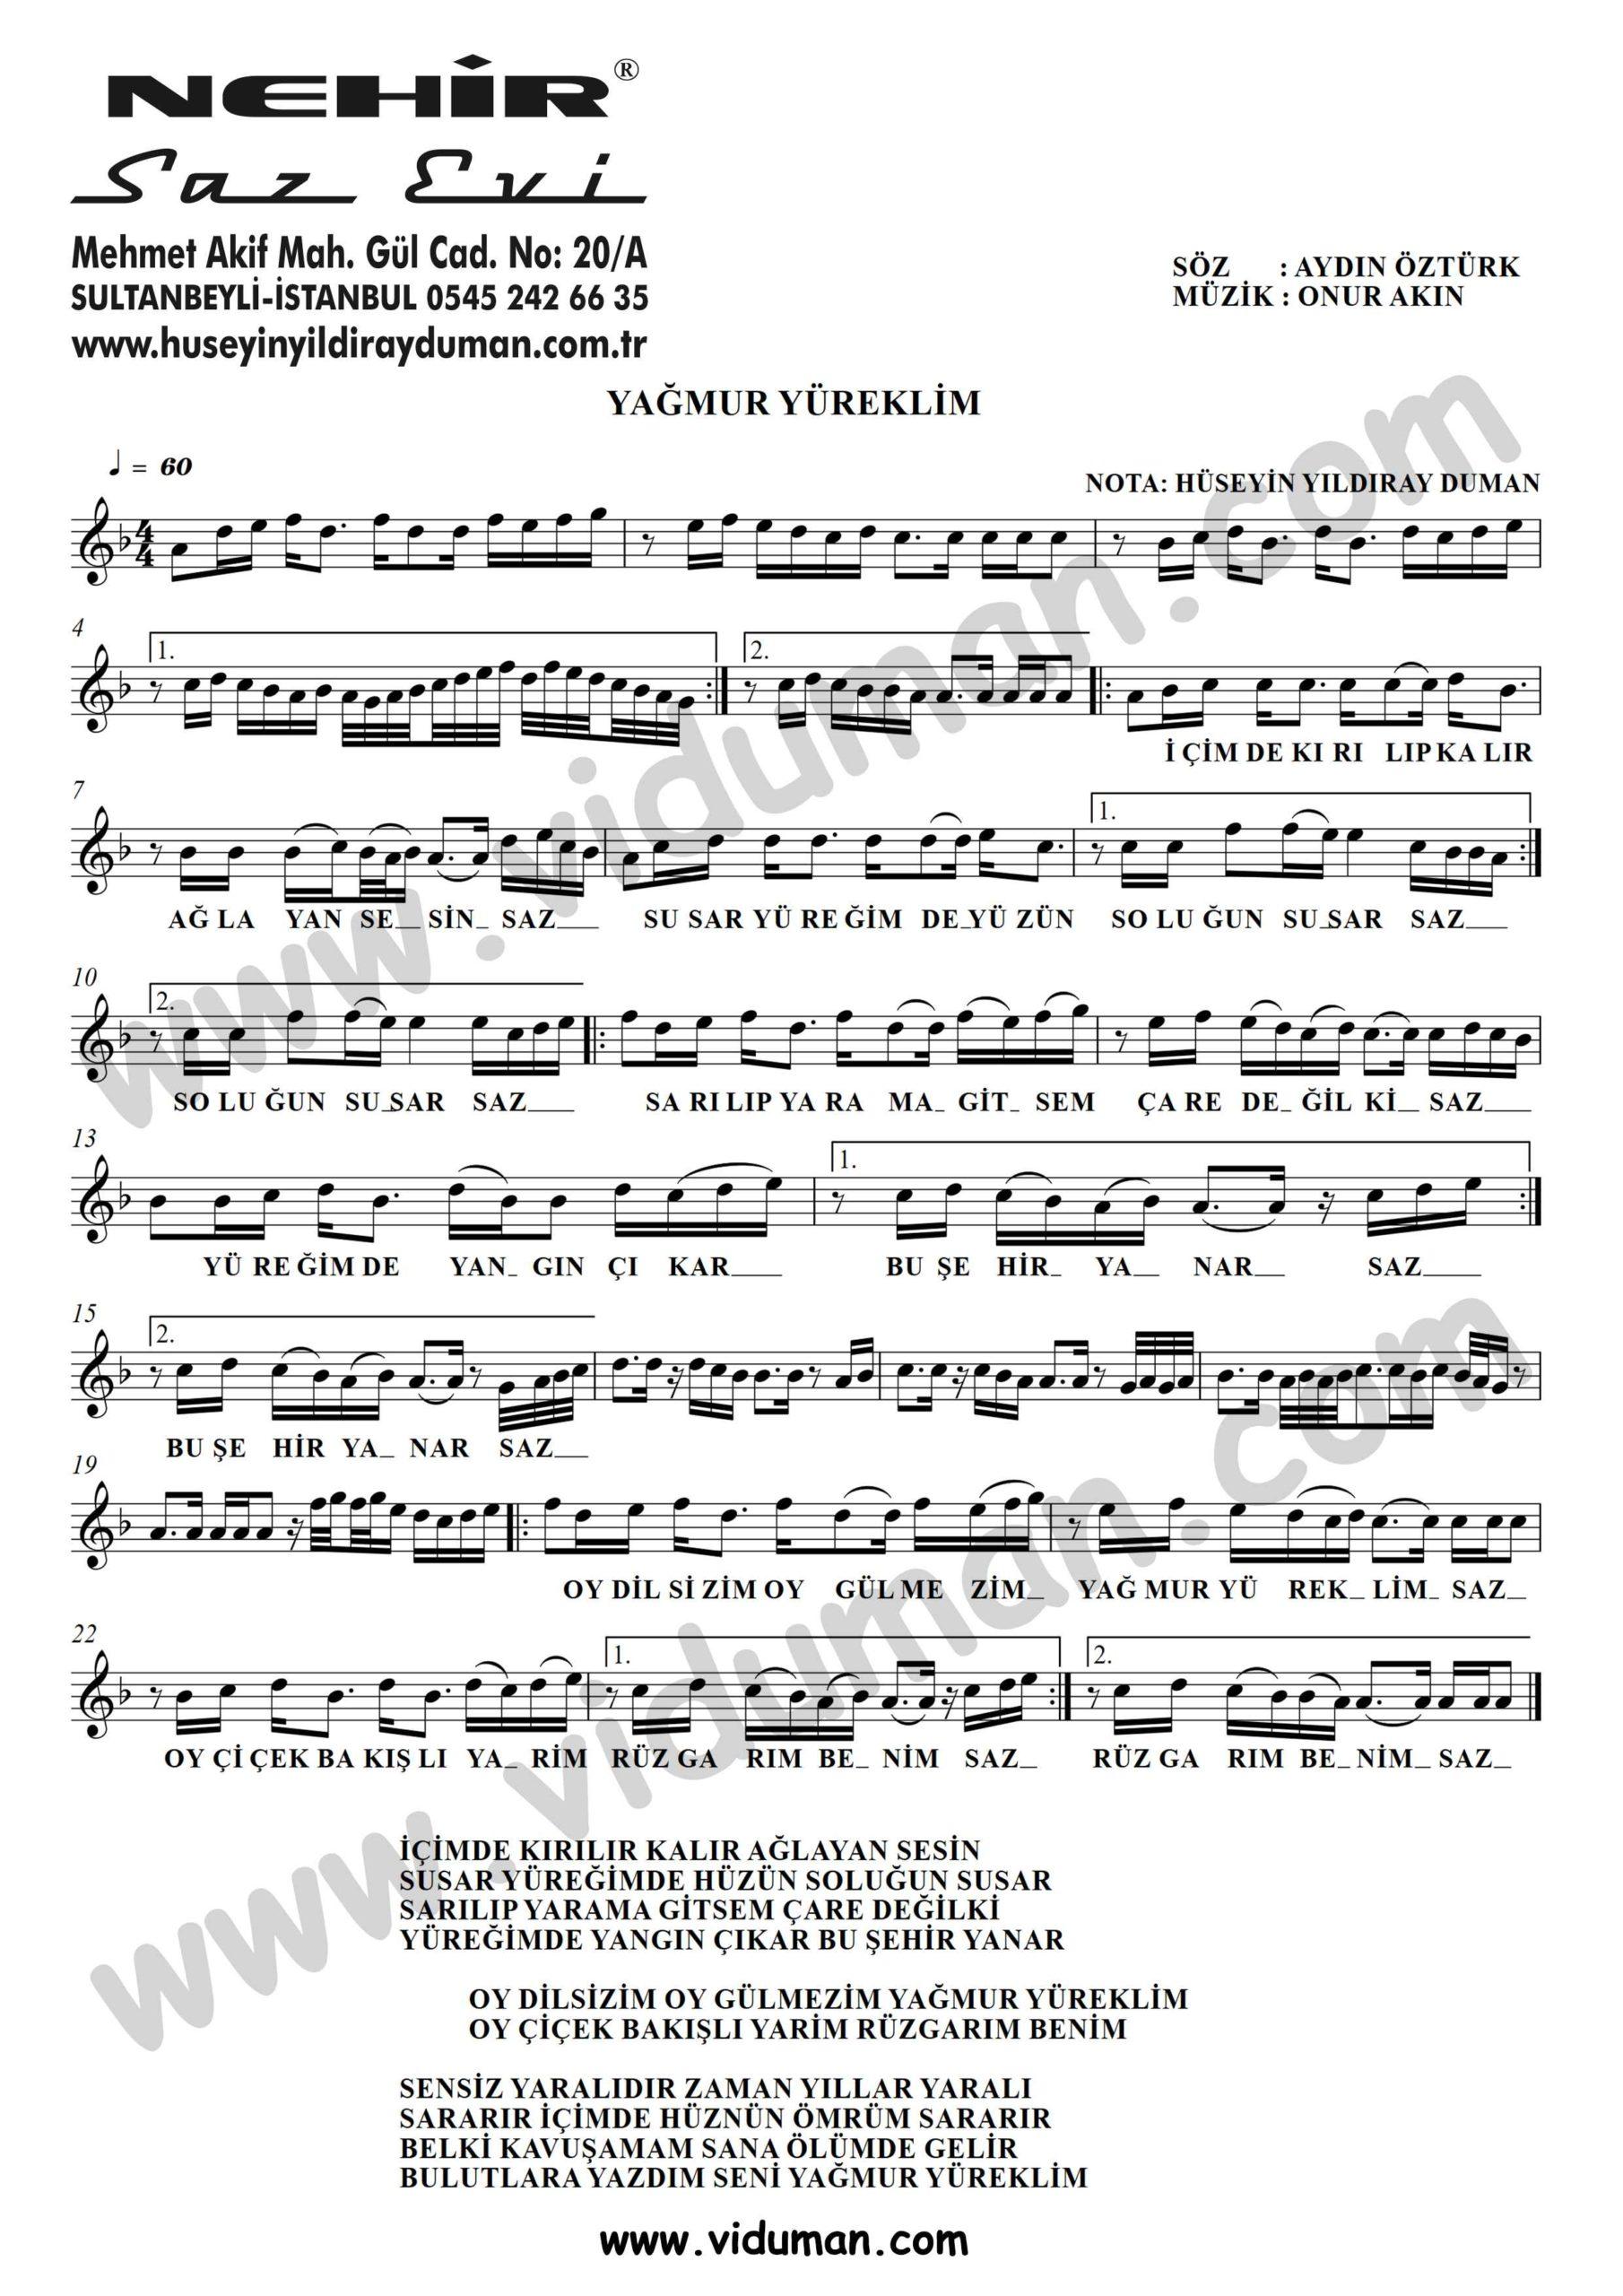 Yagmur Yureklim-Baglama-Saz-Turku-Notalari